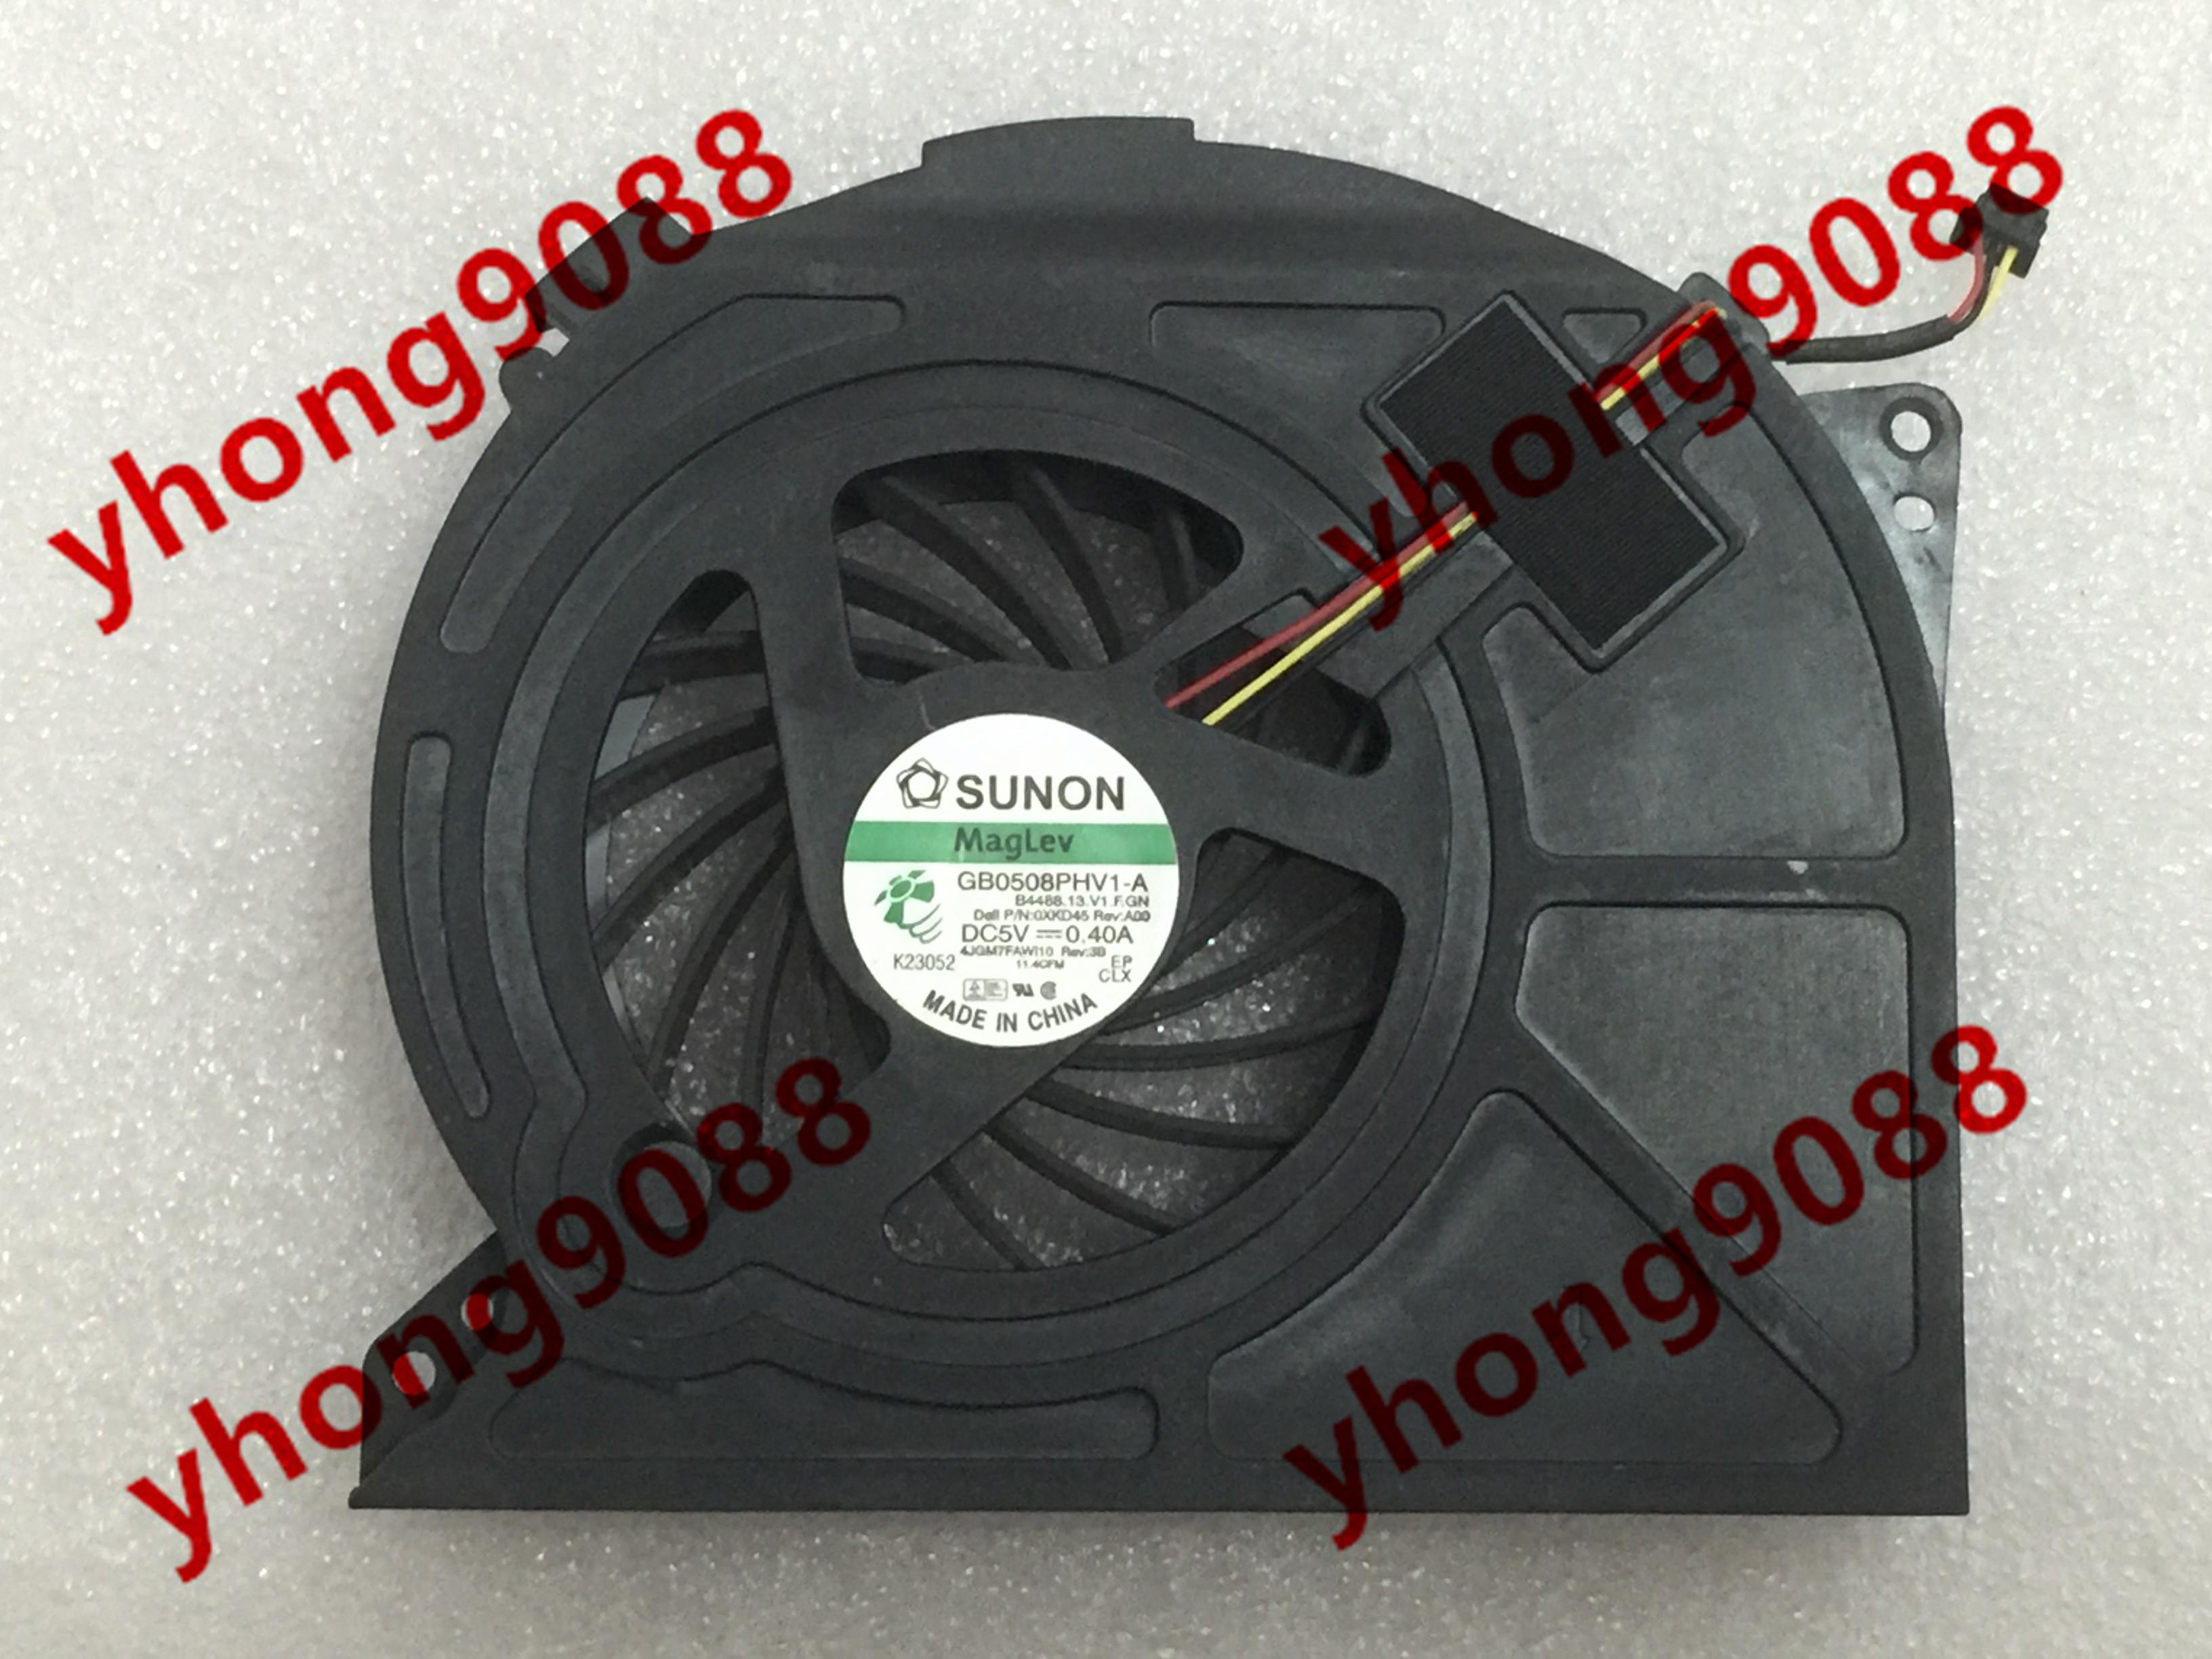 SUNON GB0545AFV1-8 B1824.GN 5V Blower Turbofan